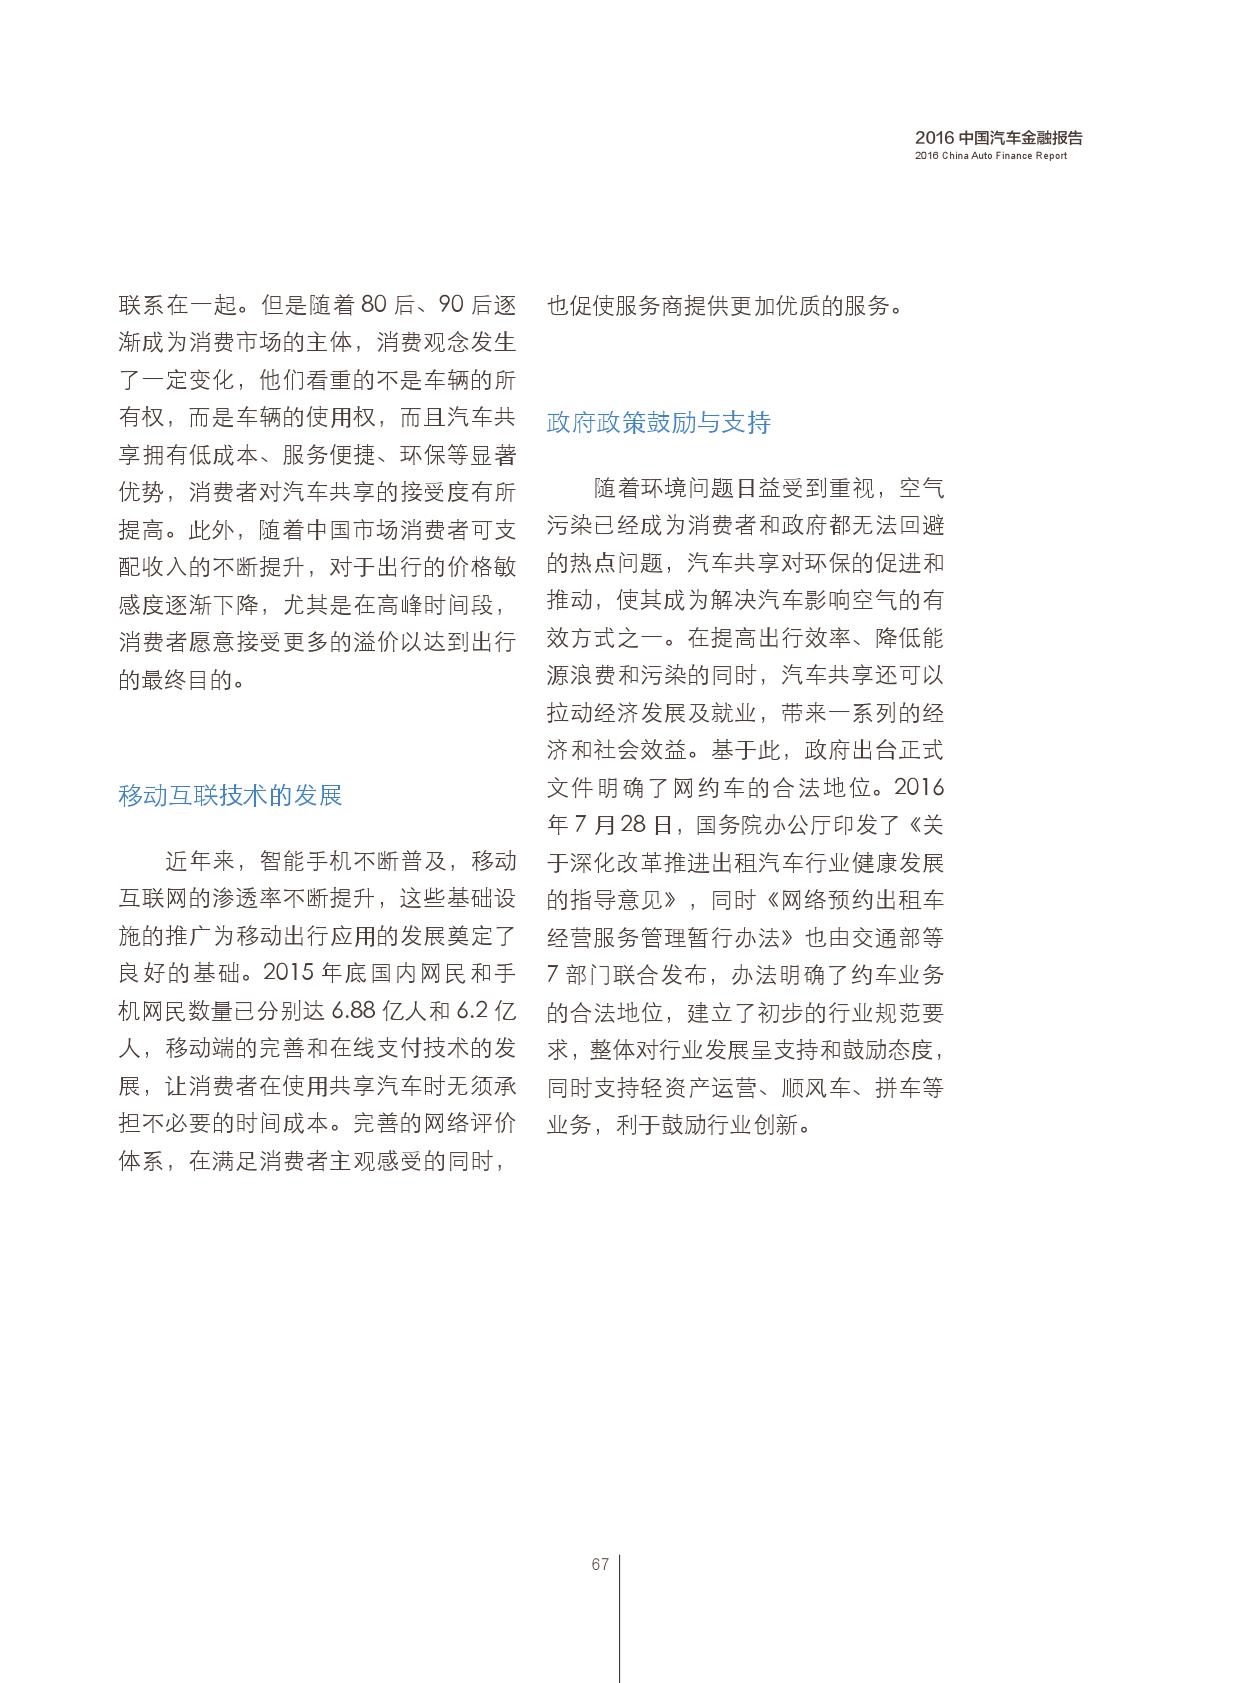 2016中国汽车金融报告_000068